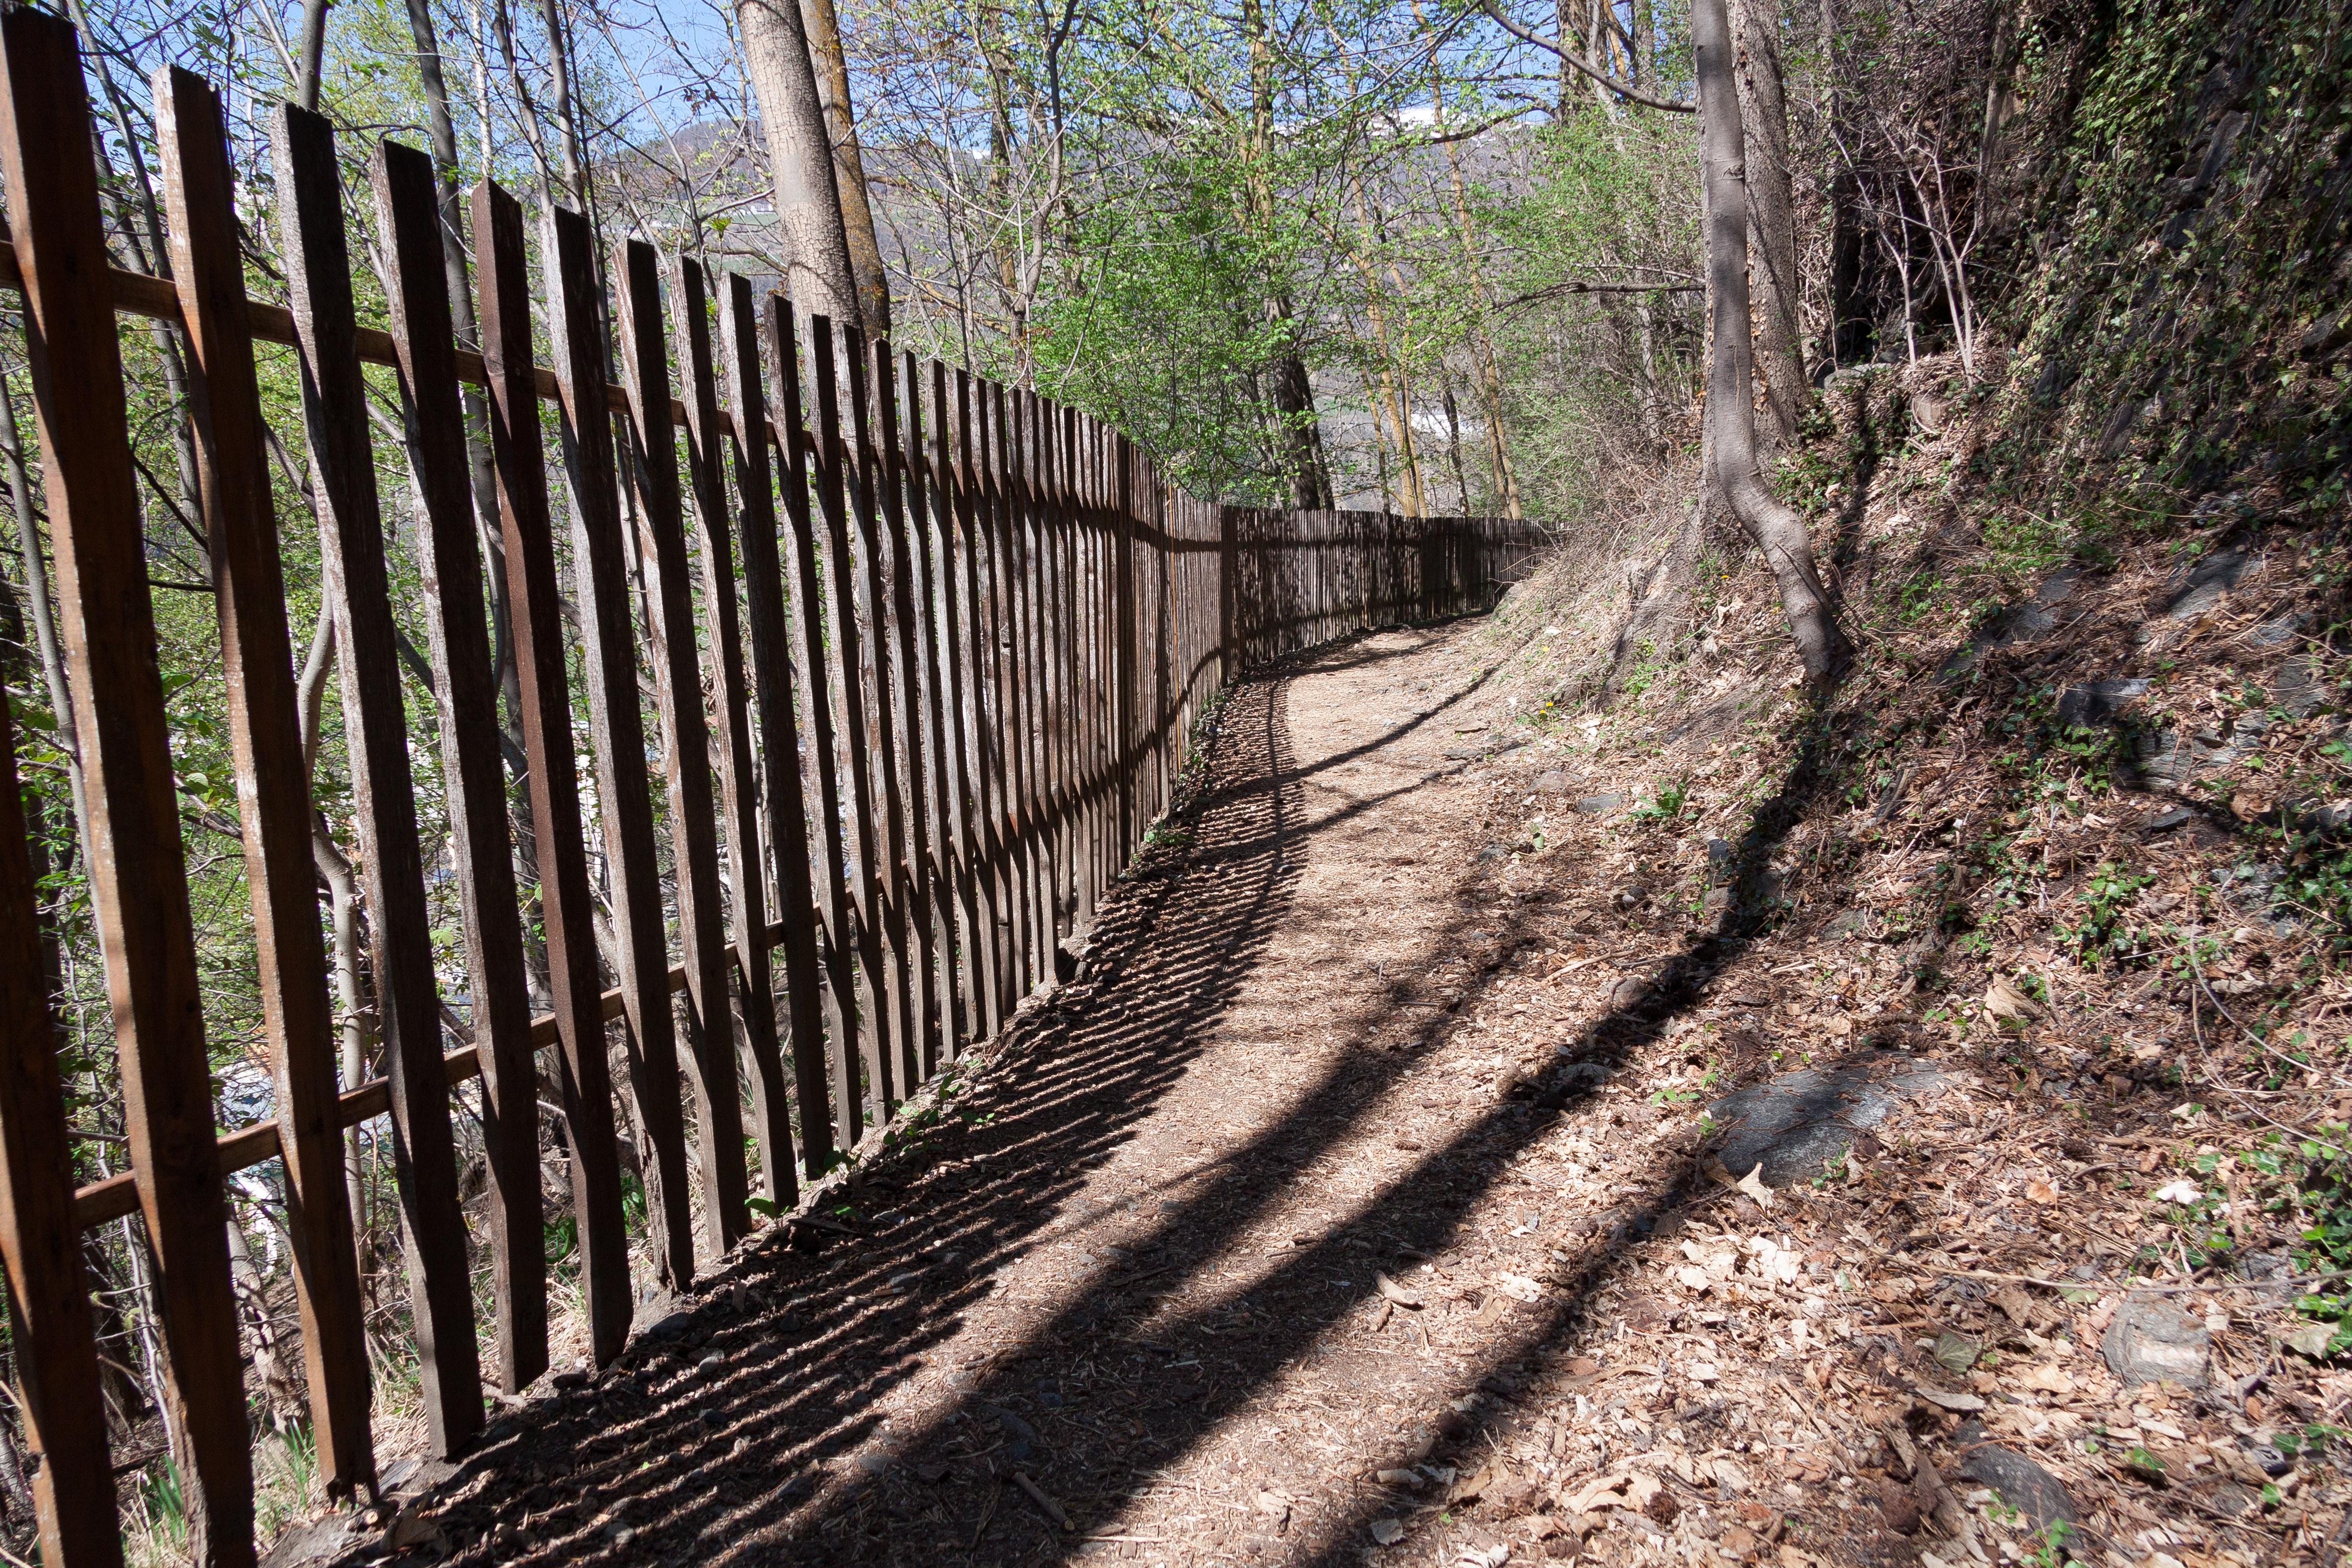 free images landscape nature track trail bridge transport spring shadow trees mood. Black Bedroom Furniture Sets. Home Design Ideas